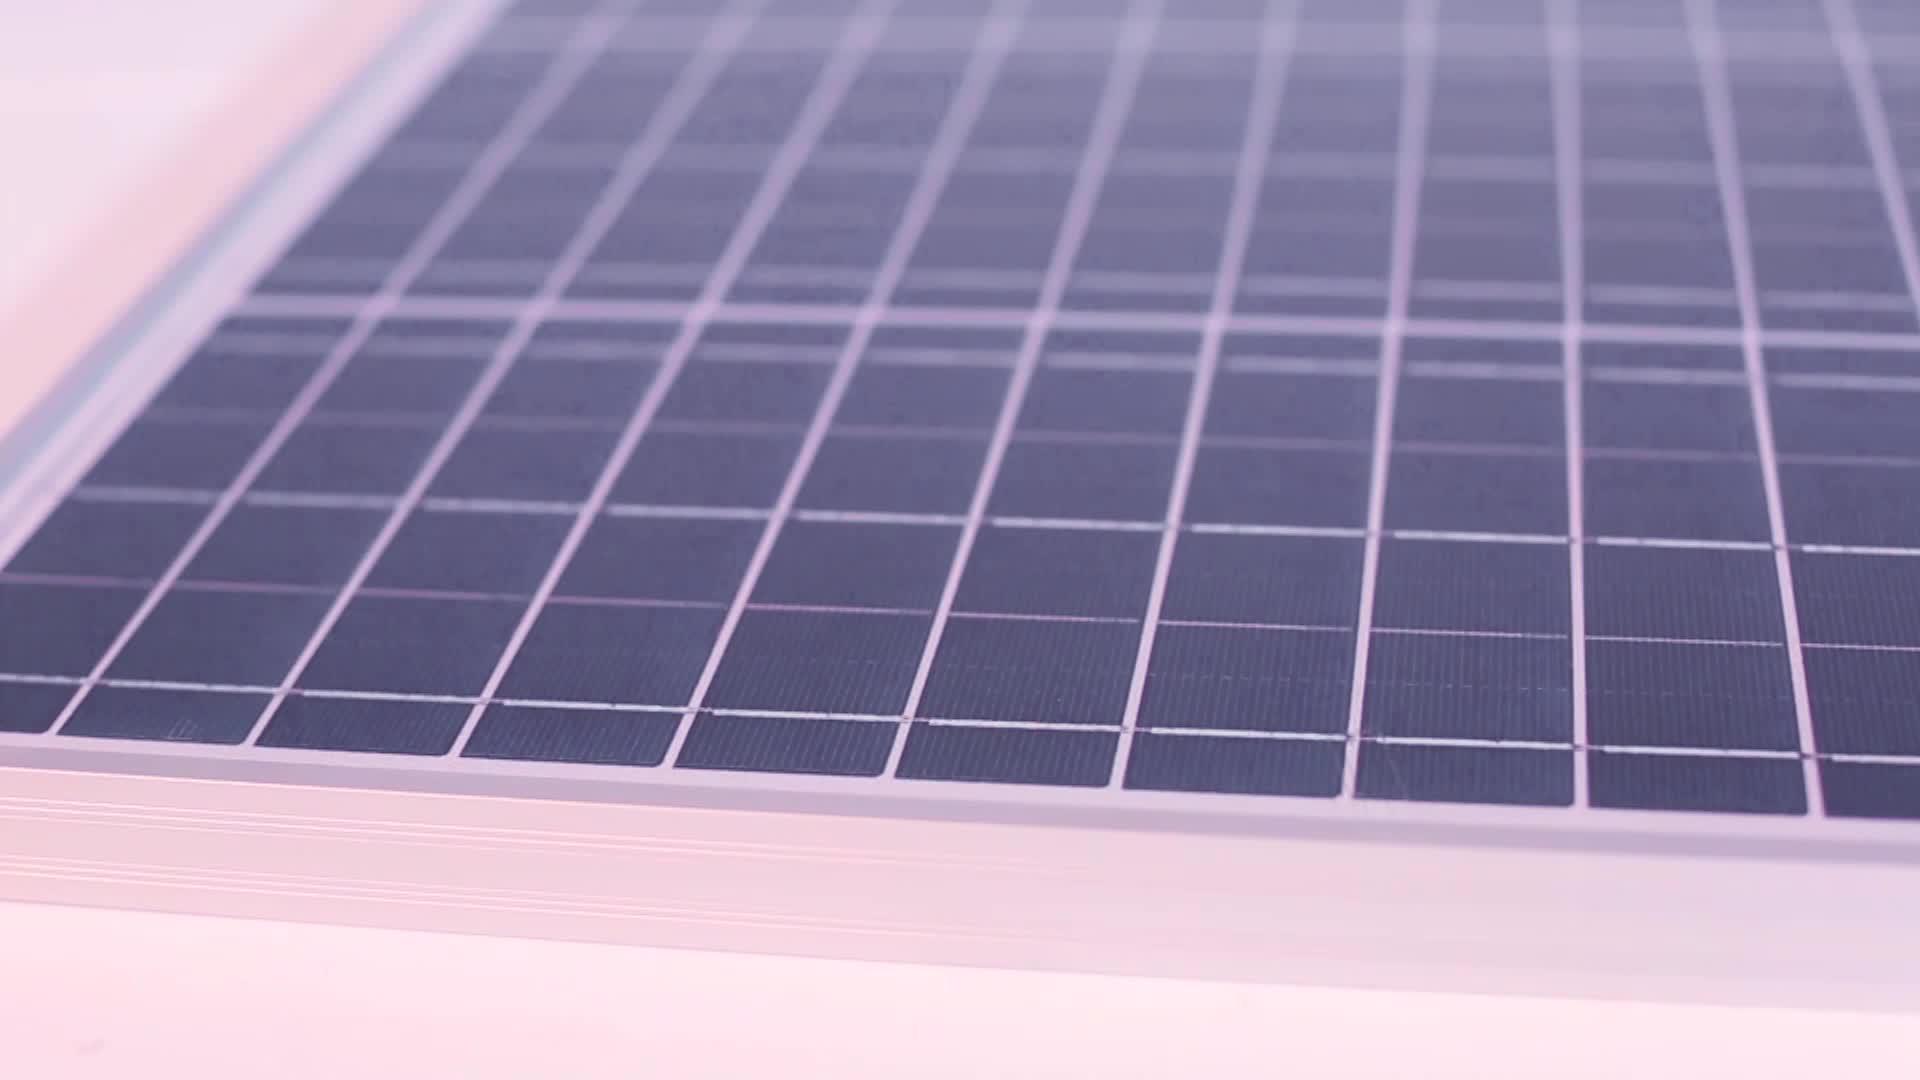 סחיר מחיר למעלה מותג 5kw 10kw 15kw 50kw שמש מערכת רשת שמש כוח אנרגיה מערכת לחדד ערכת אנרגיה סולארית באירופה